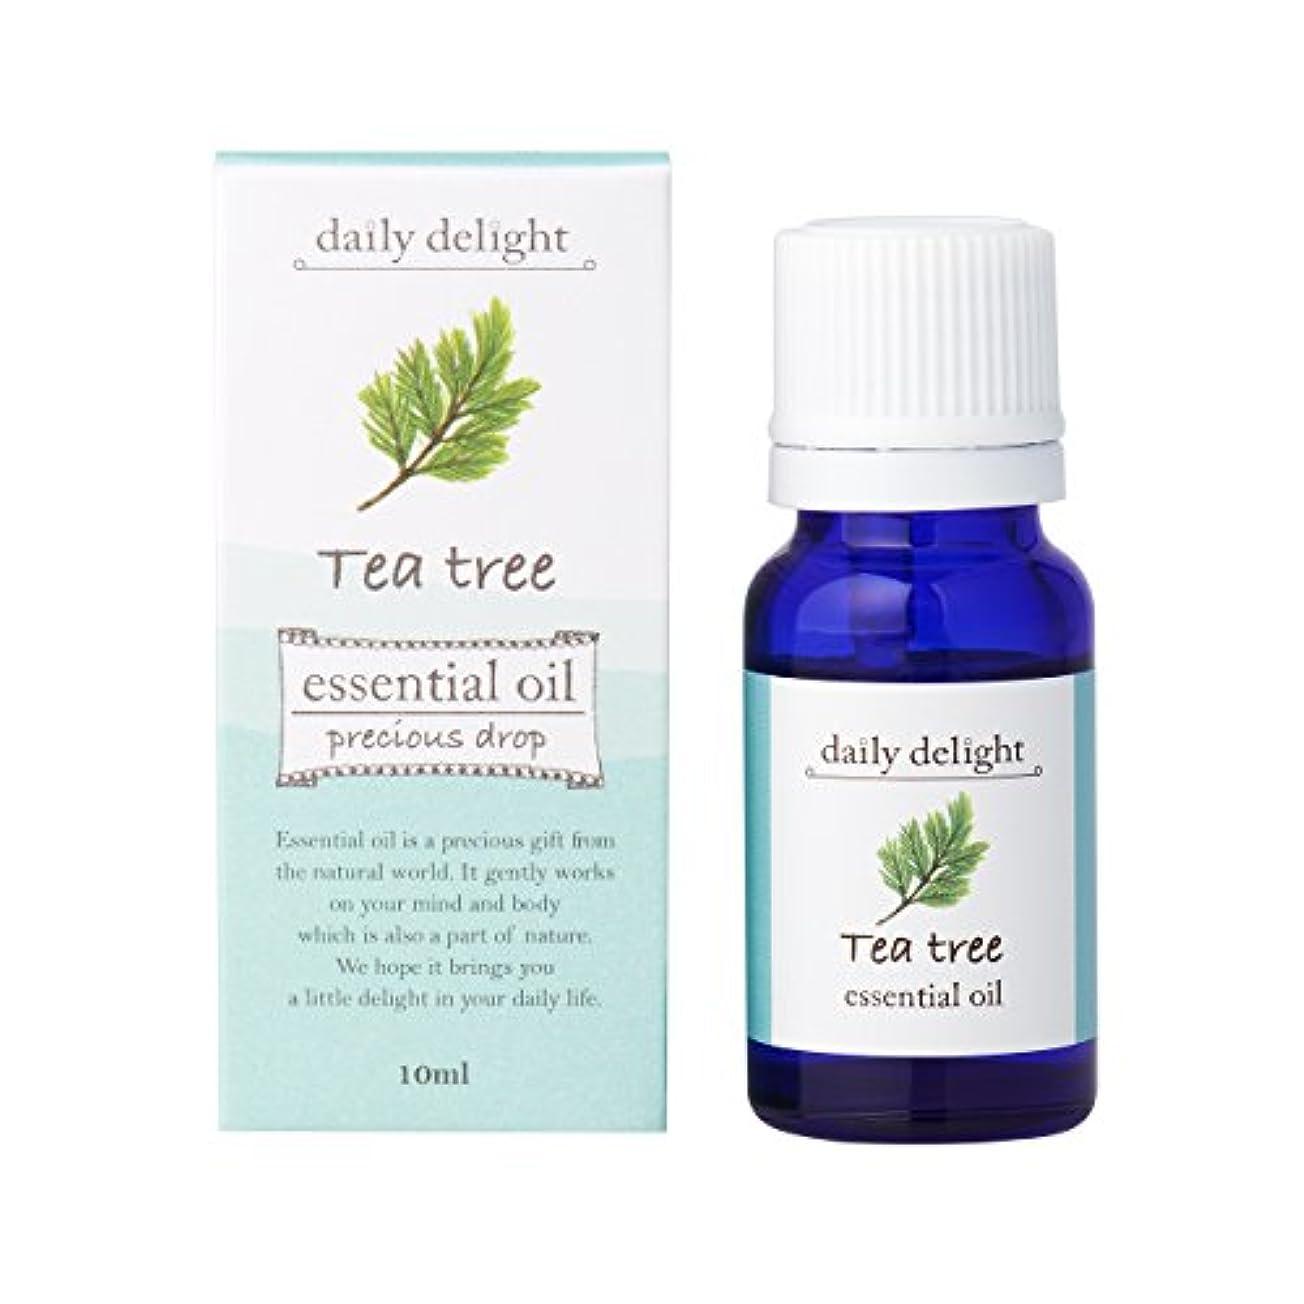 権限無臭慣性デイリーディライト エッセンシャルオイル  ティートゥリー 10ml(天然100% 精油 アロマ 樹木系 フレッシュですっきりとした香り)